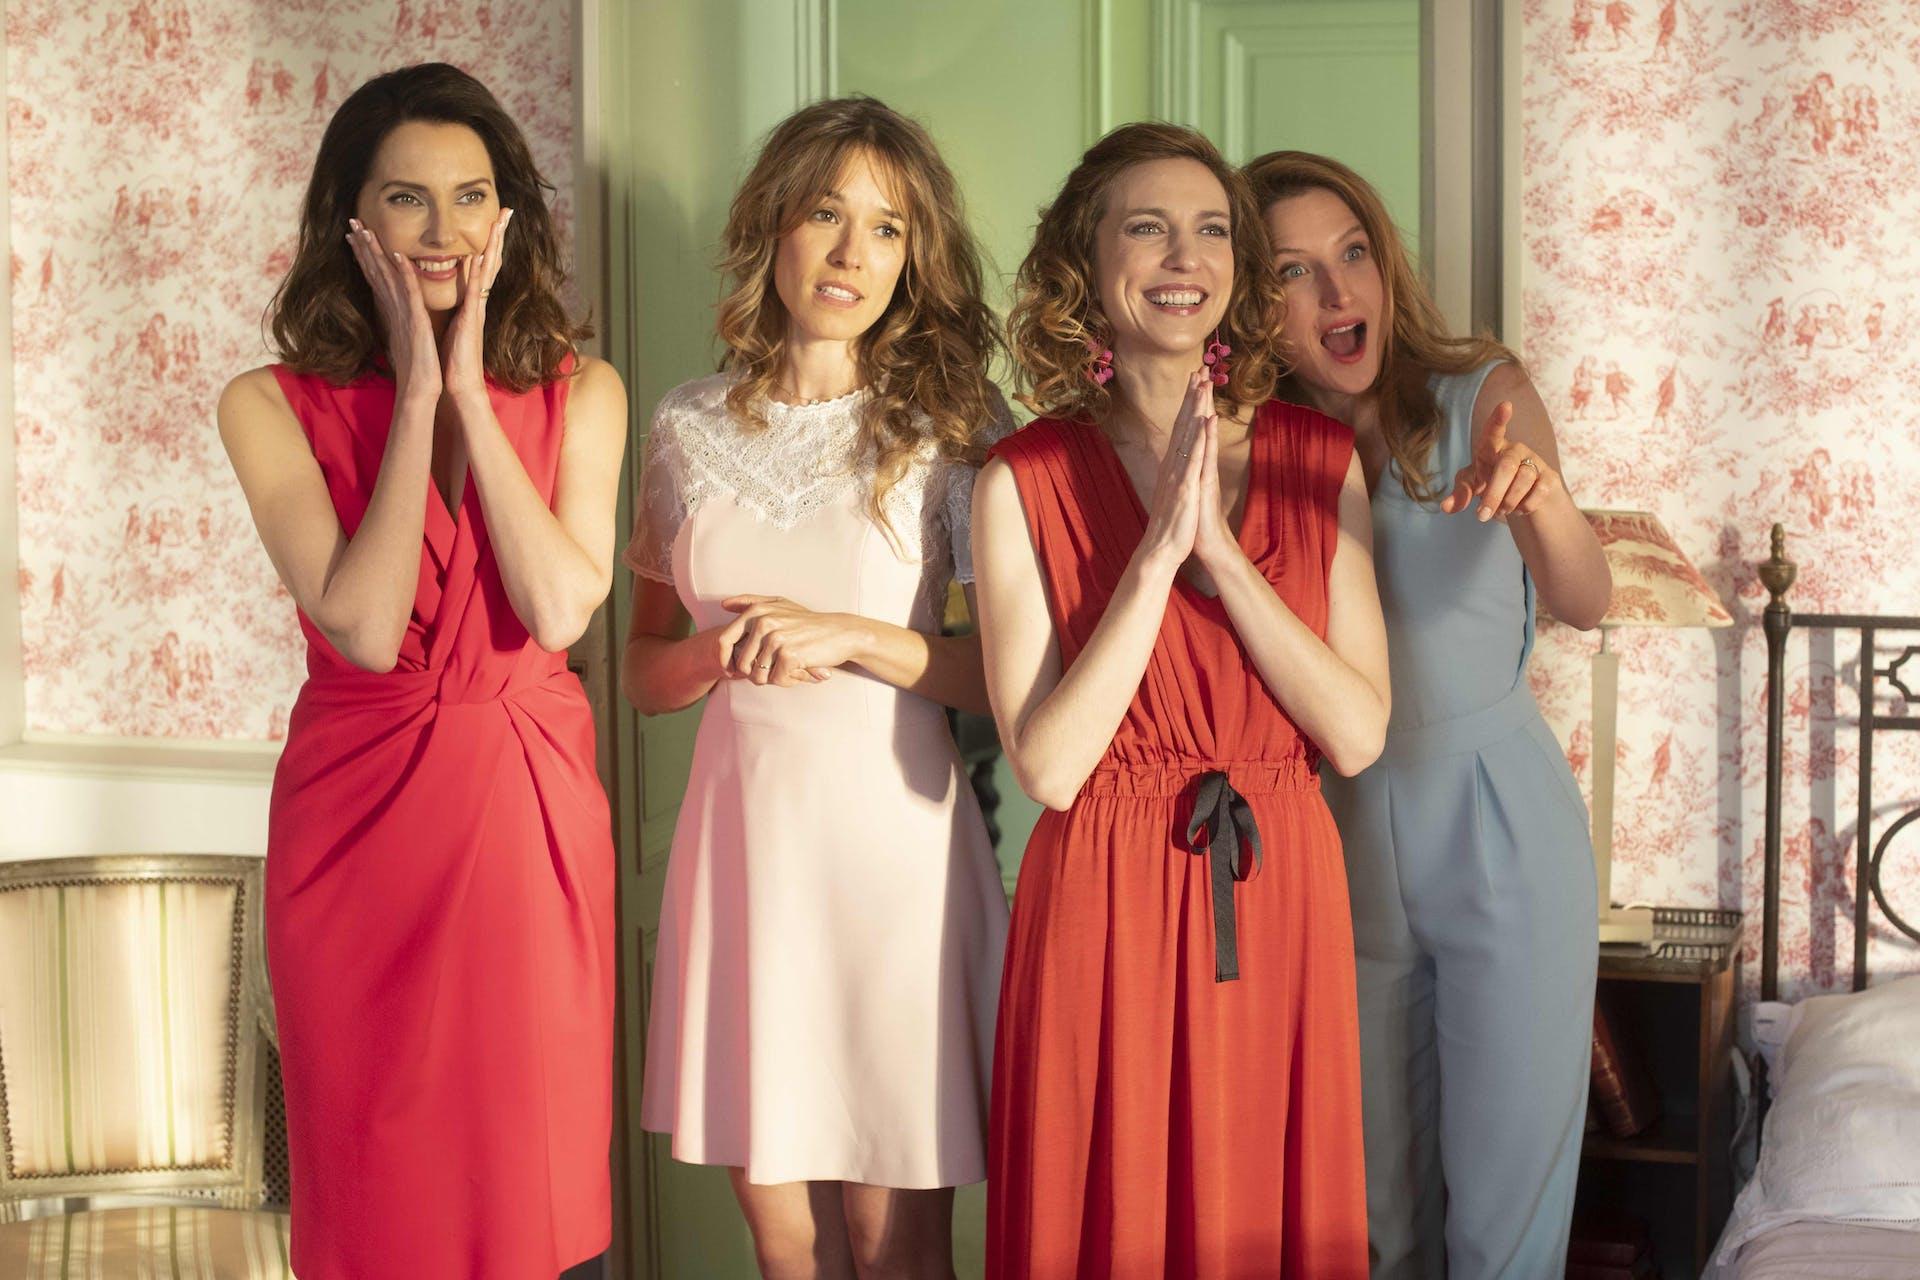 Serial Bad Weddings 2 (Qu'est-ce qu'on a encore fait au bon Dieu?)